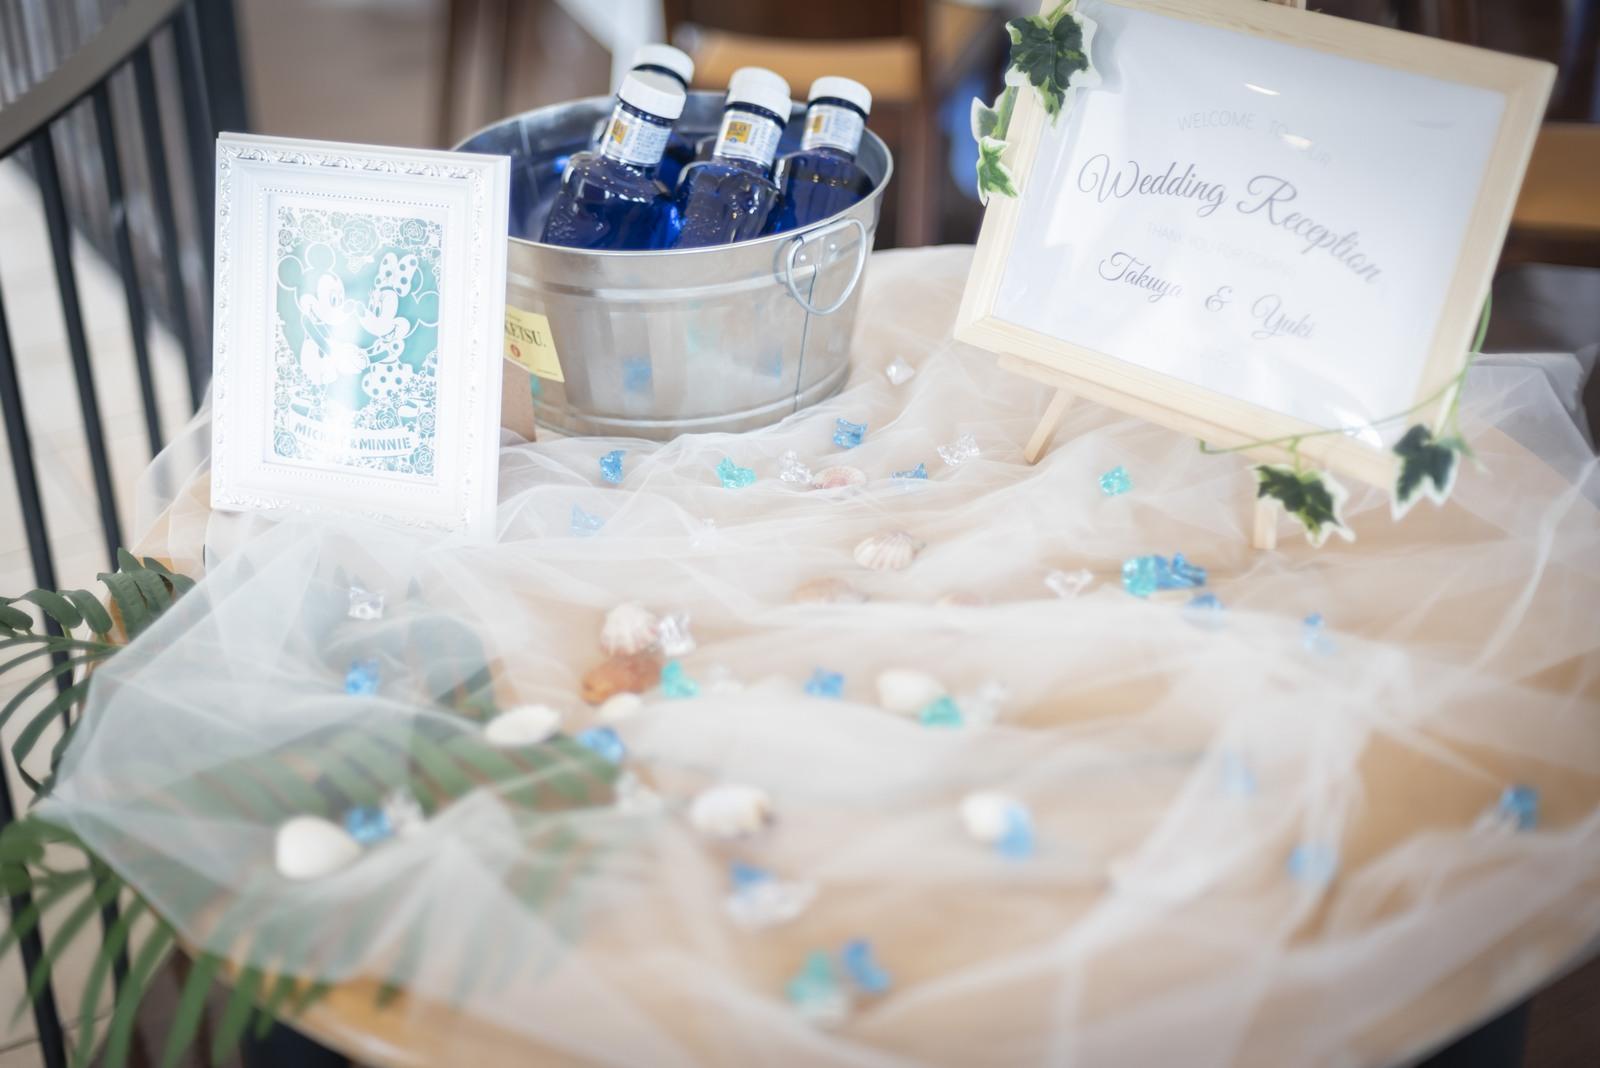 香川県の結婚式場シェルエメール&アイスタイルのウェルカムグッズ